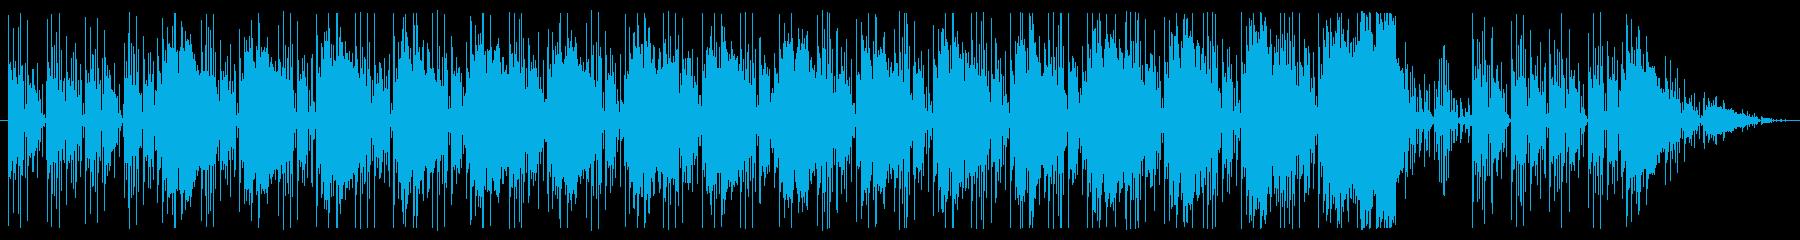 【エレクトロ】潜入_偵察【ループ可】の再生済みの波形